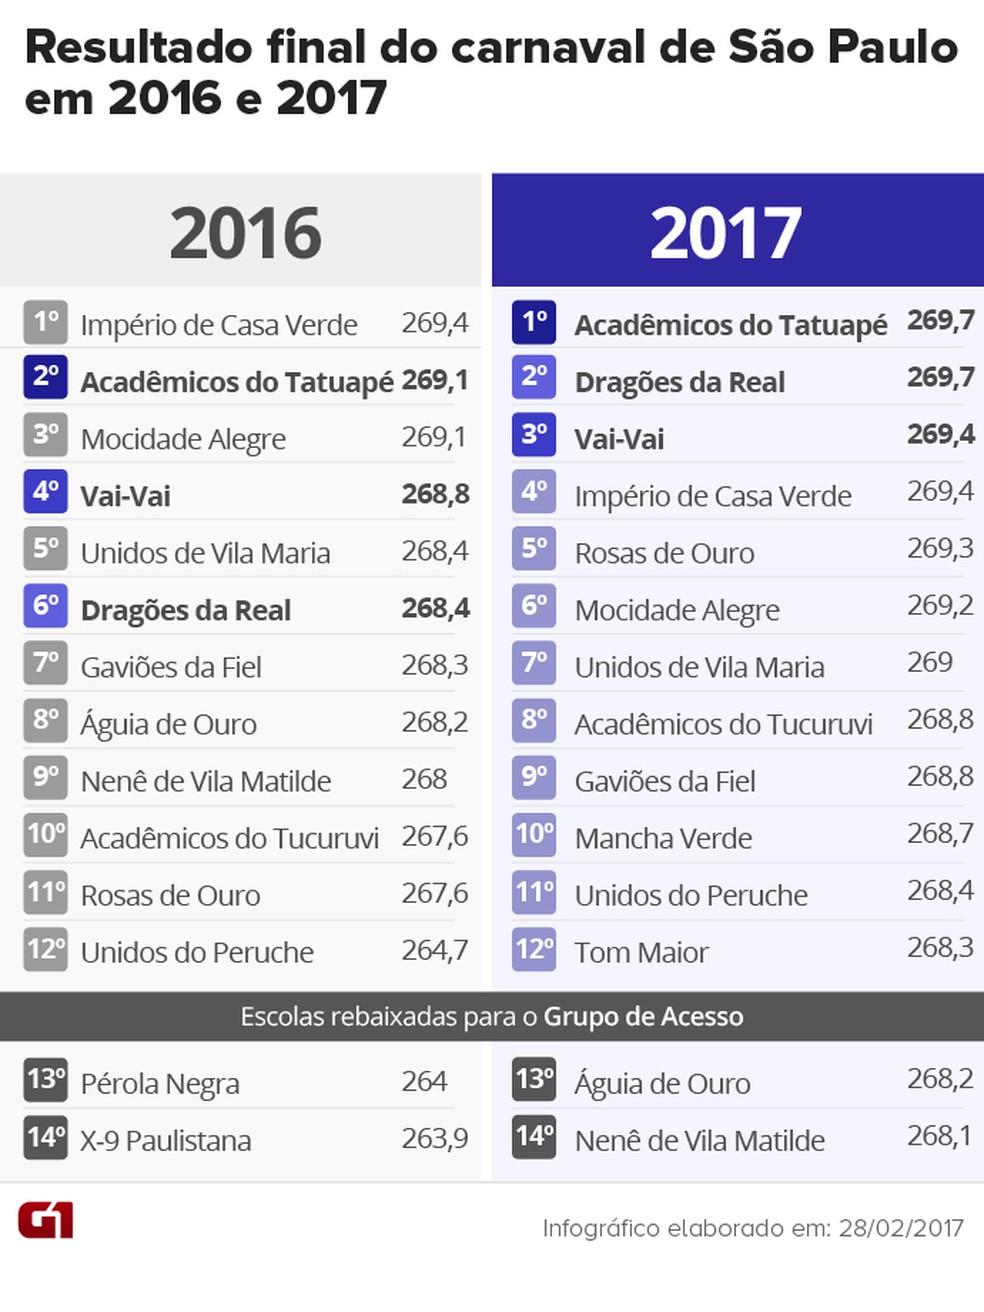 Comparação entre os resultados dos carnavais de 2016 e 2017 (Foto: Arte/G1)